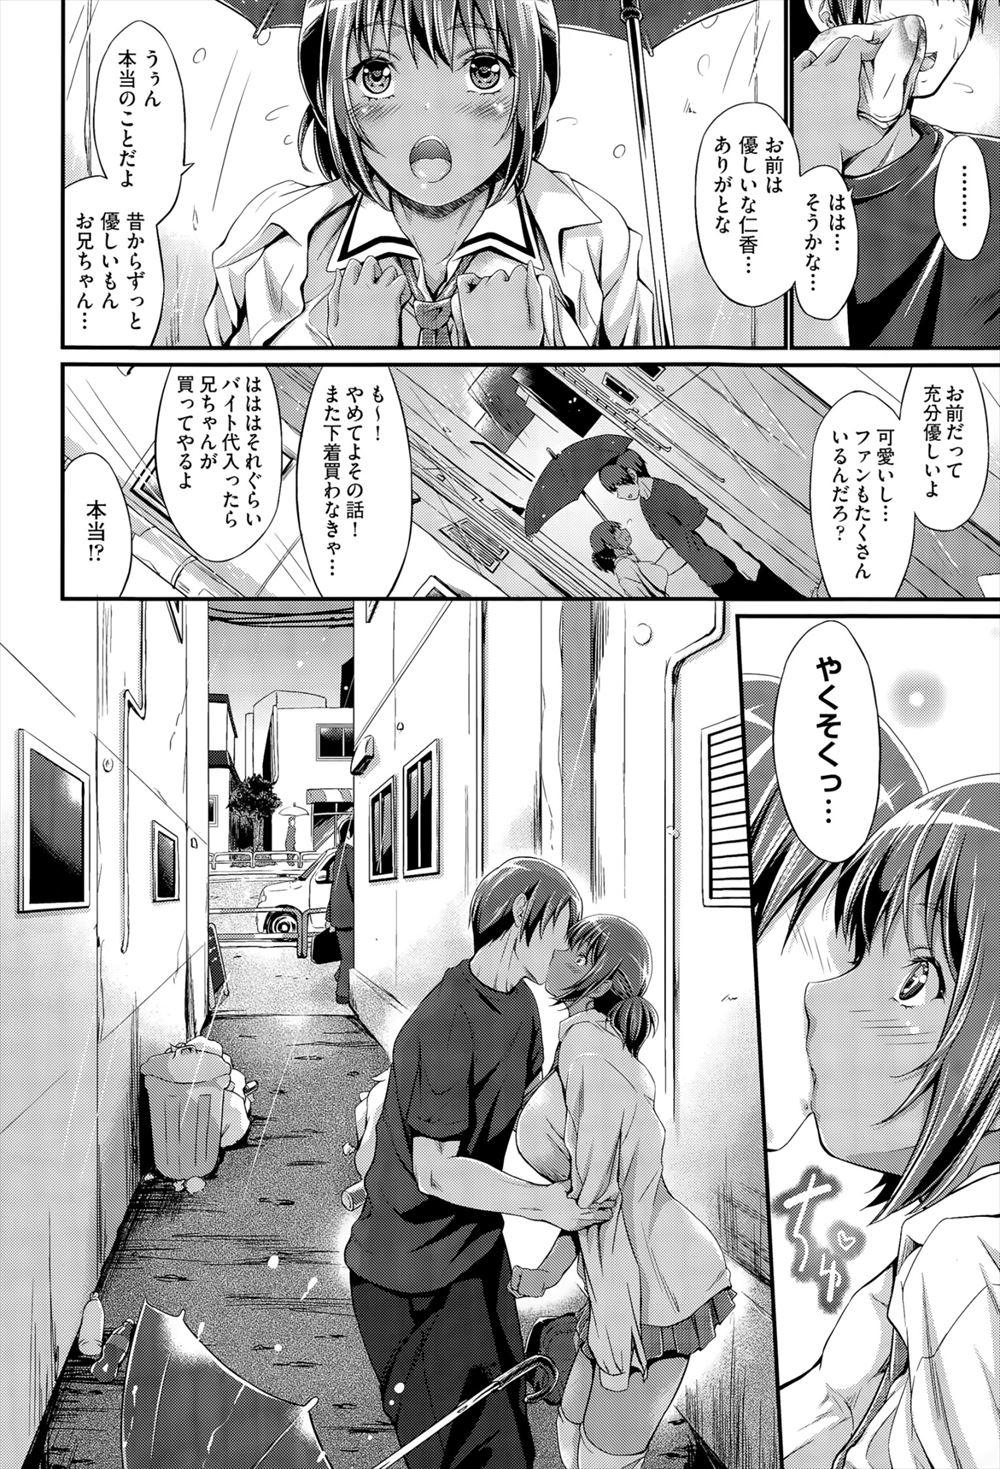 【エロ漫画・エロ同人誌】彼女にフラれたお兄ちゃんが巨乳の妹からエッチに慰めてもらうwww (6)